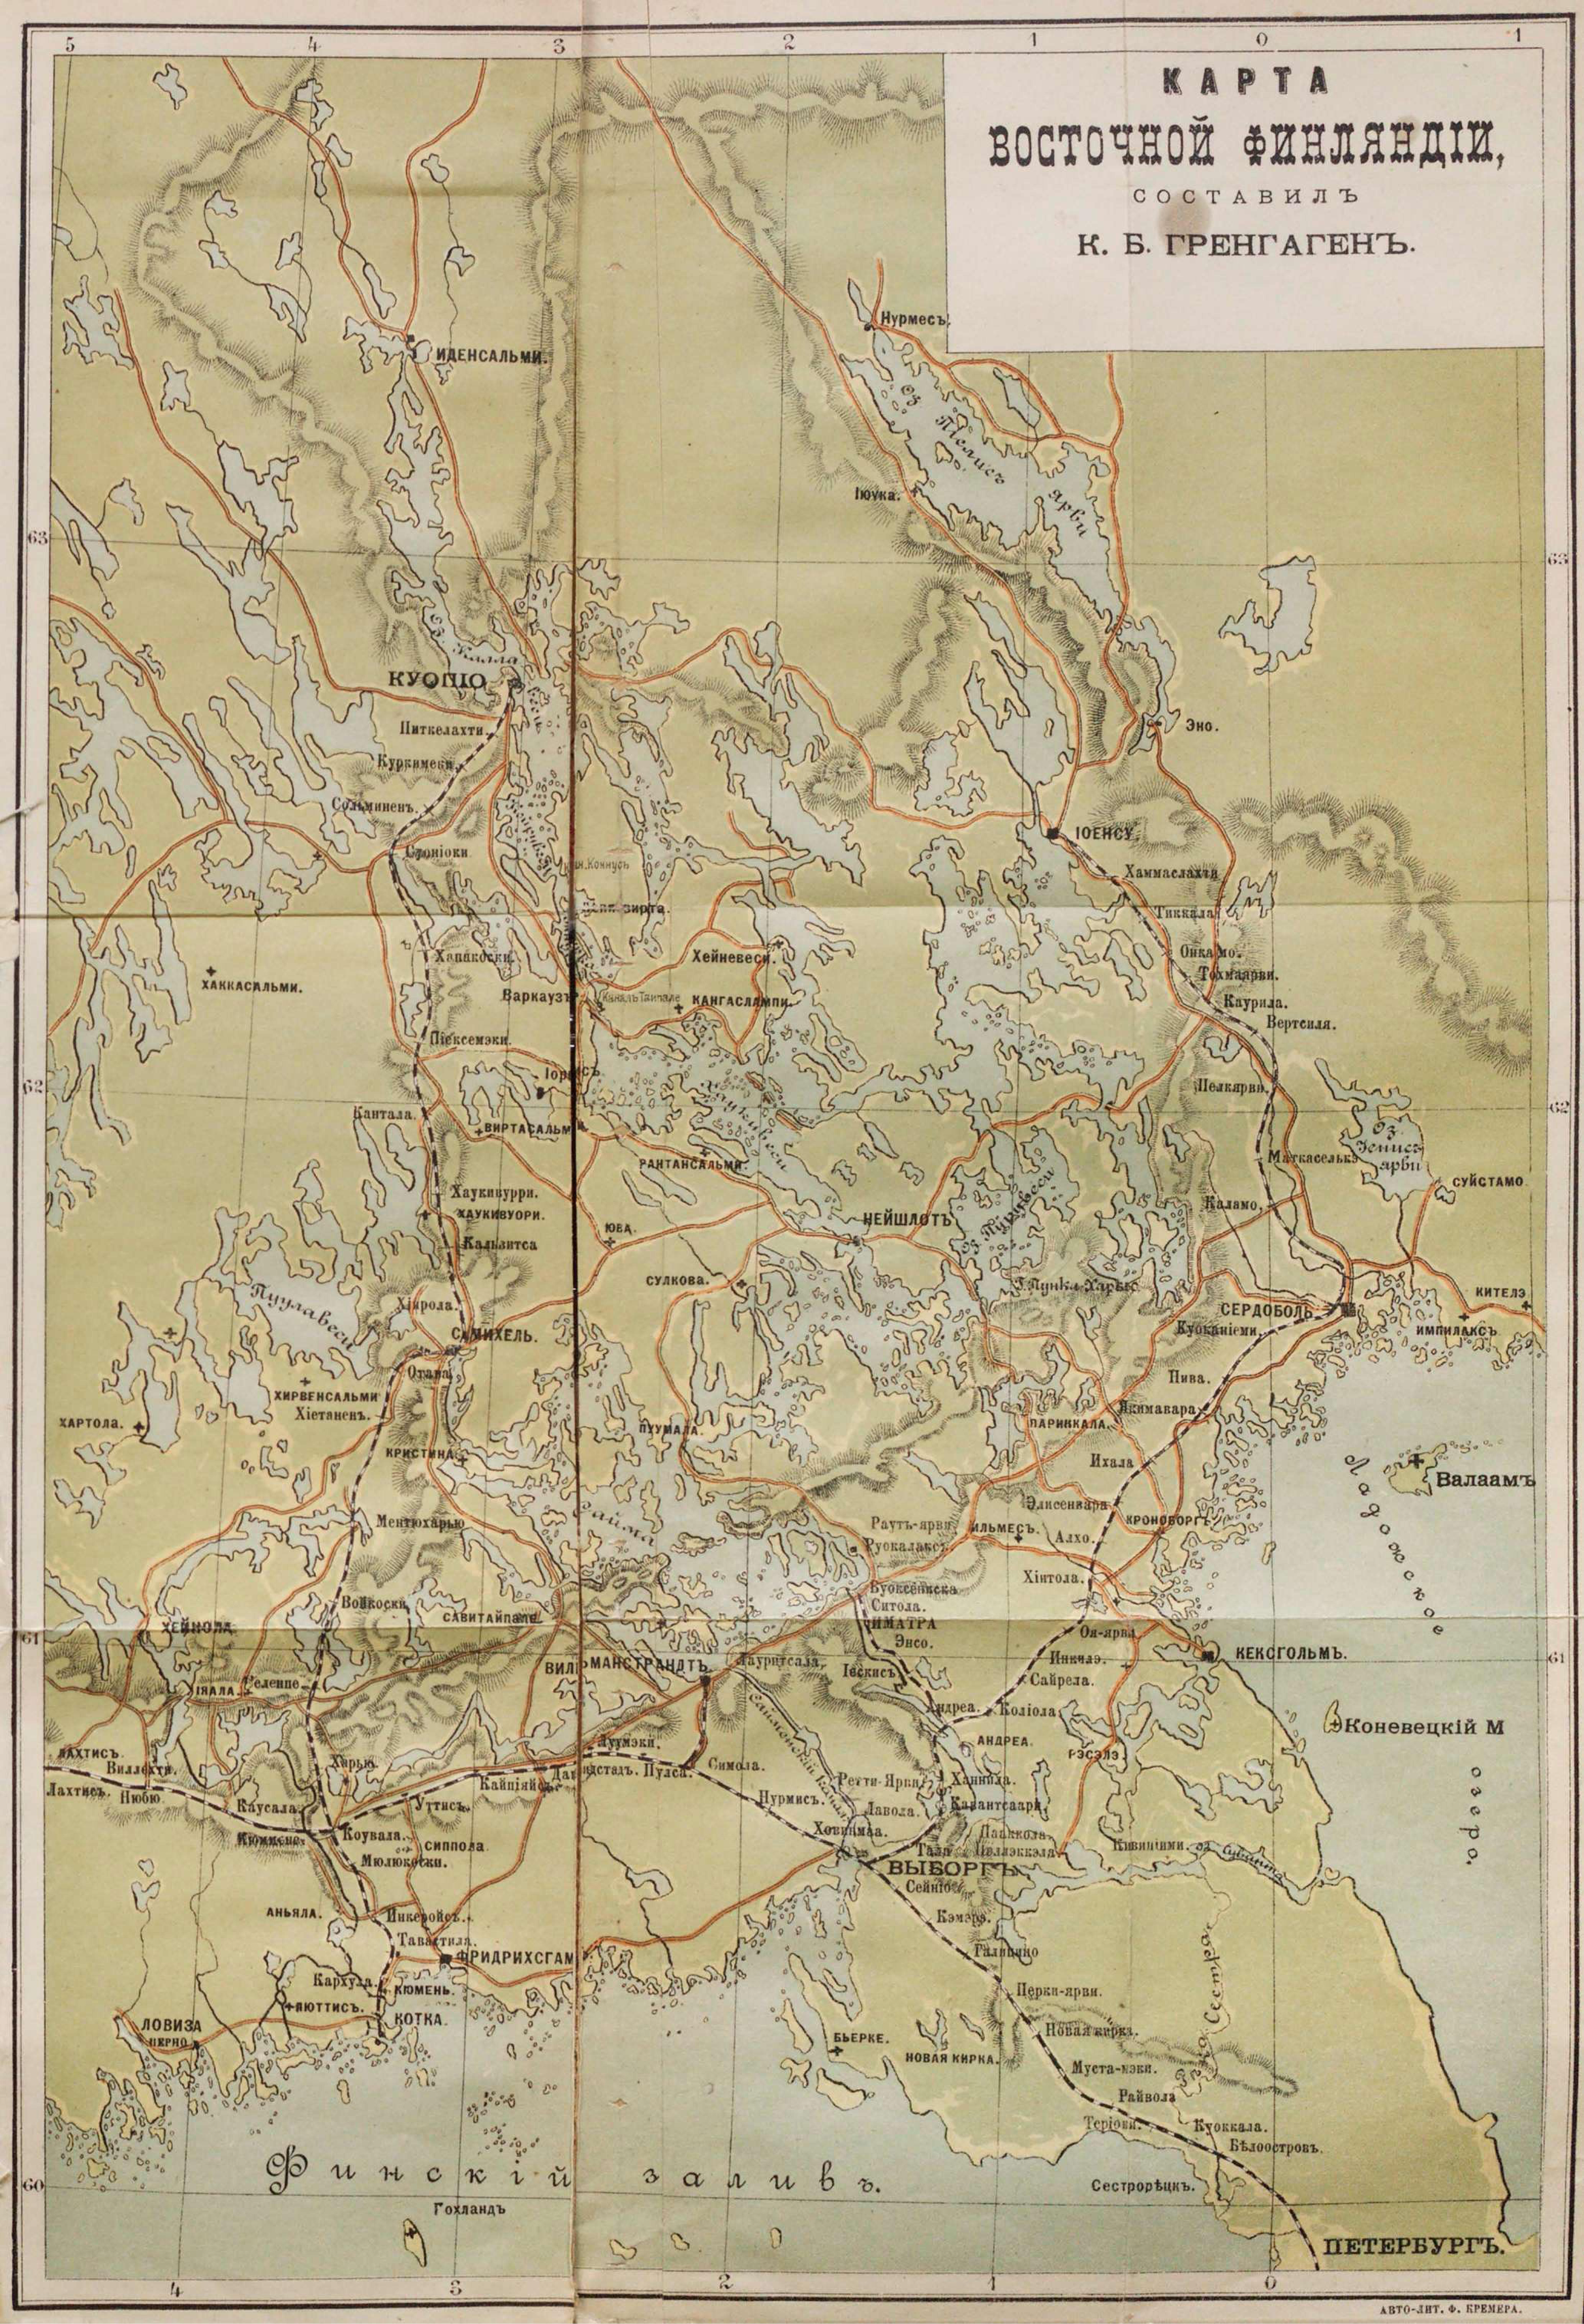 01. Карта Восточной Финляндии